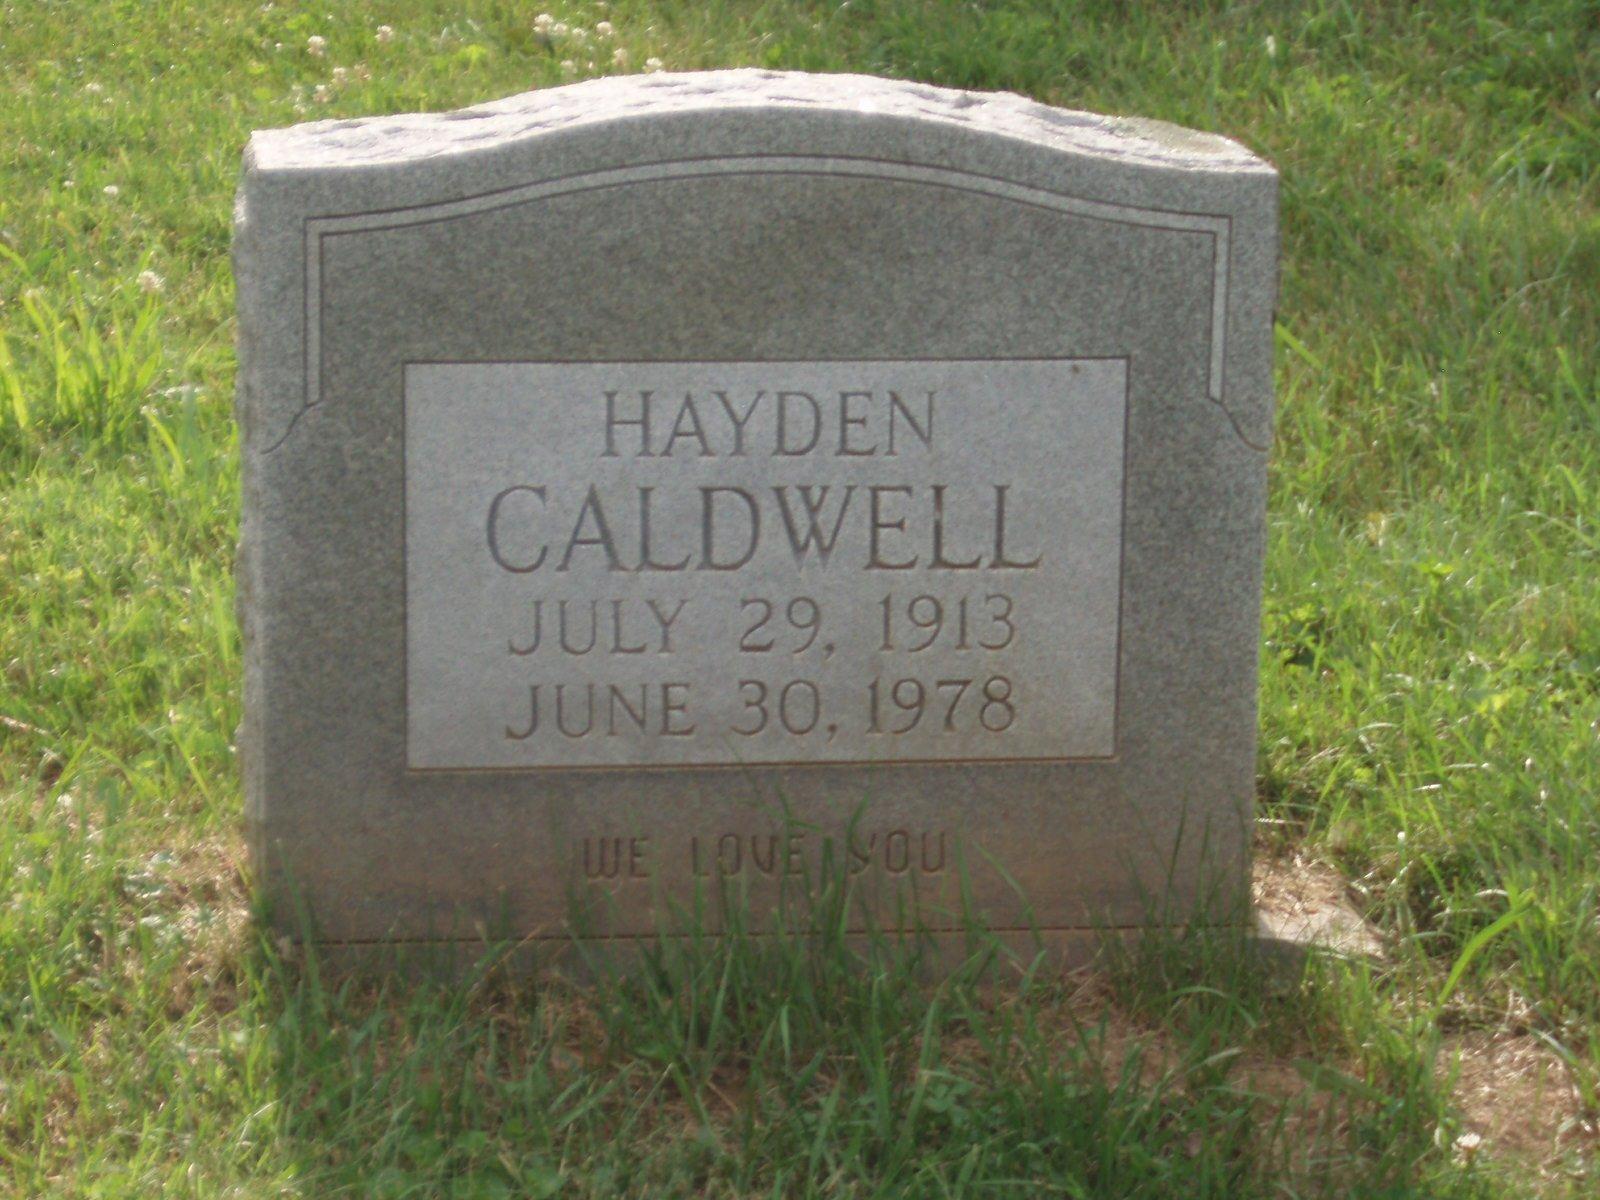 Hayden Caldwell